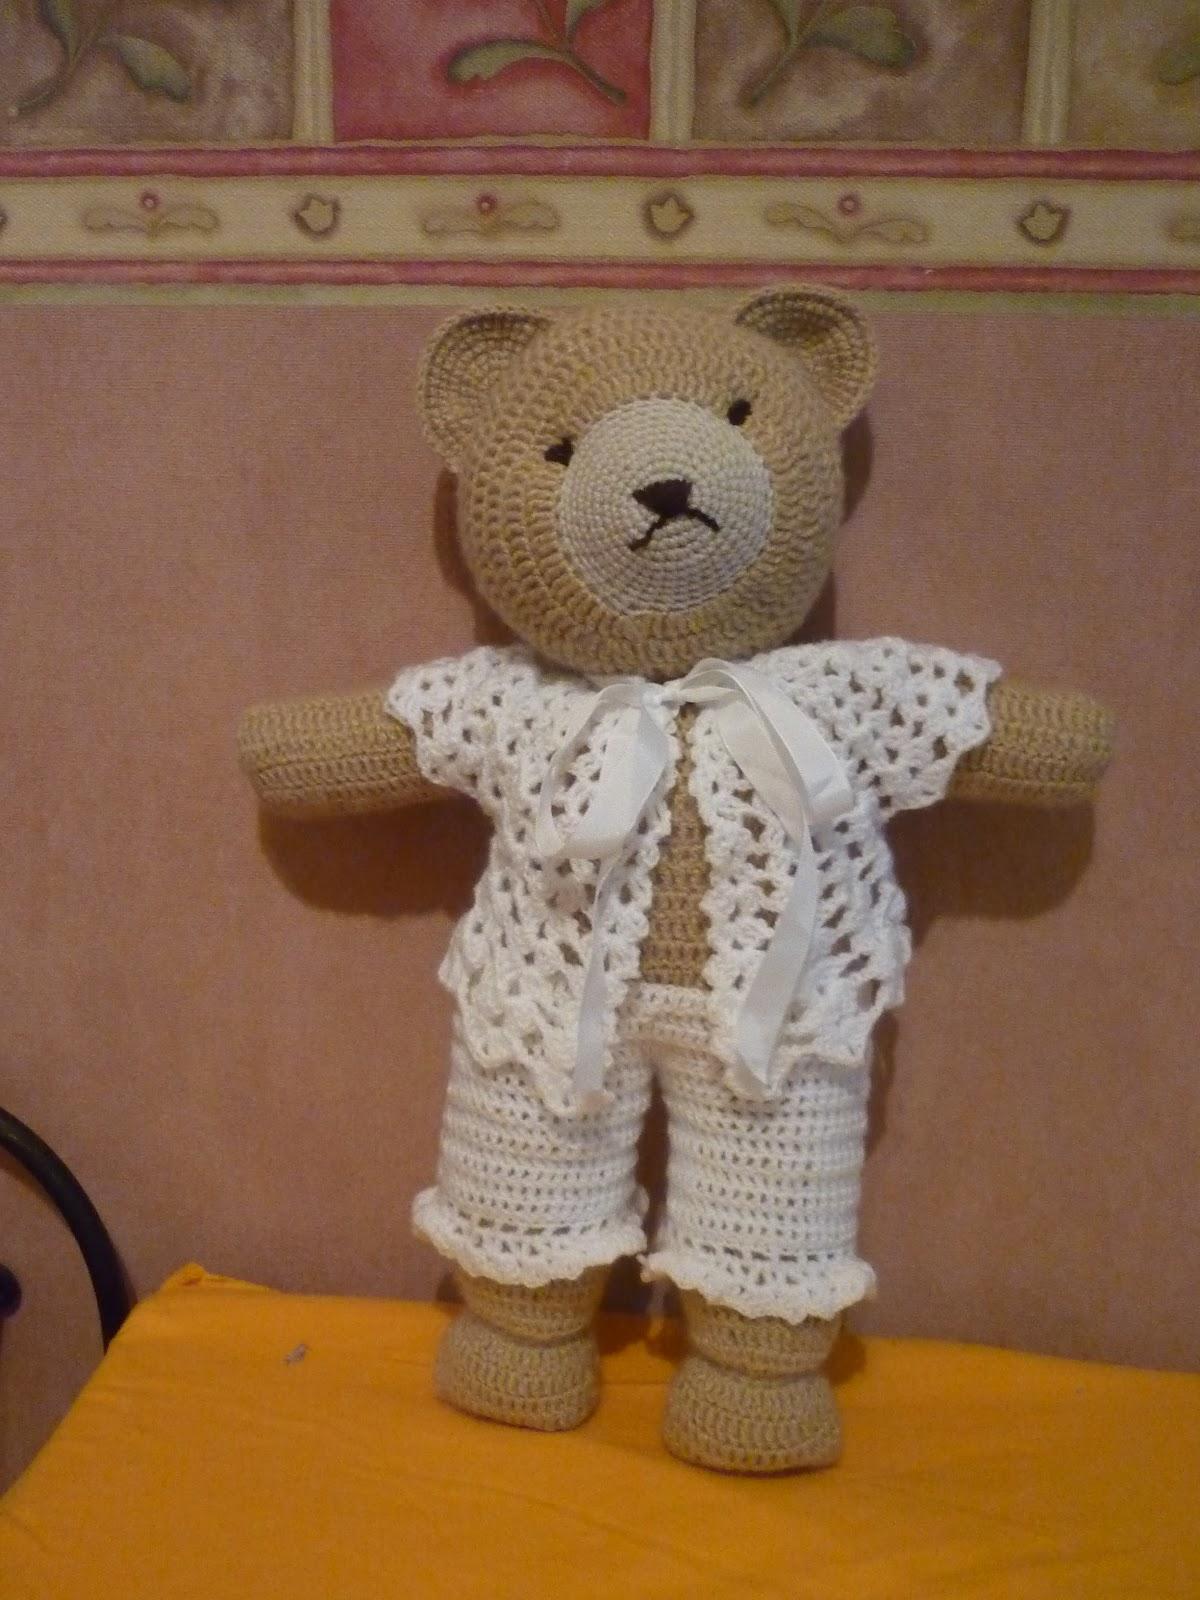 Tejiendo Suenos: Canelle Oso amigurumi ( un oso romantico)